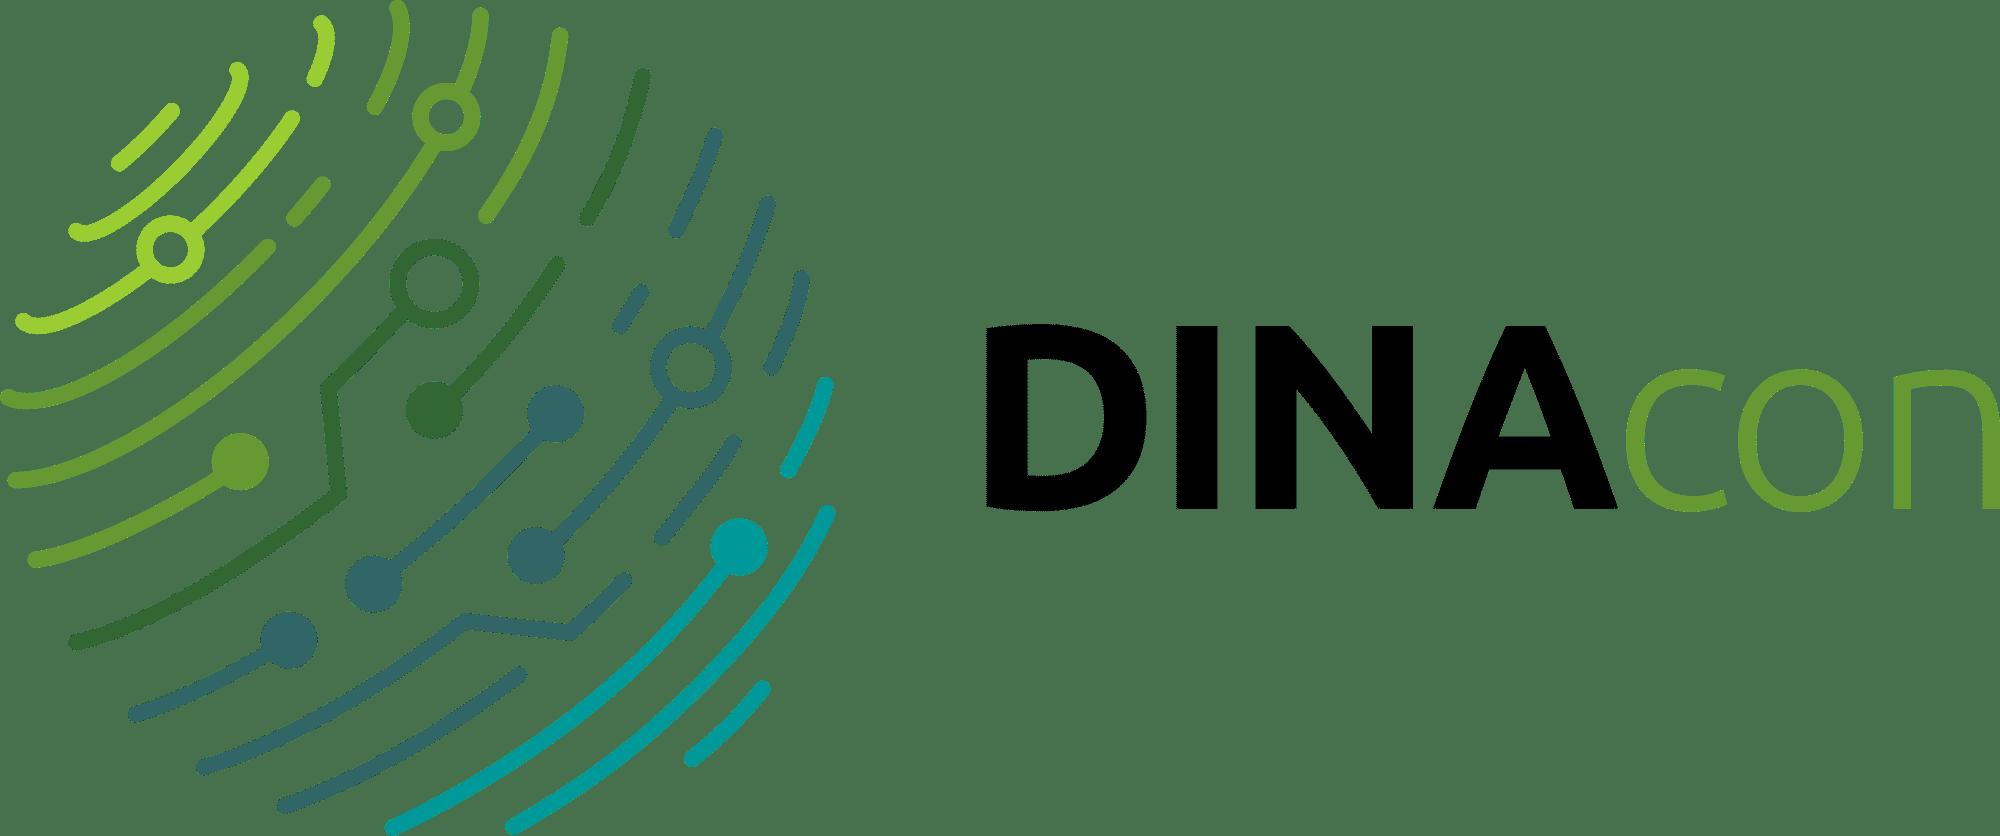 DINAcon_Logo_web-1